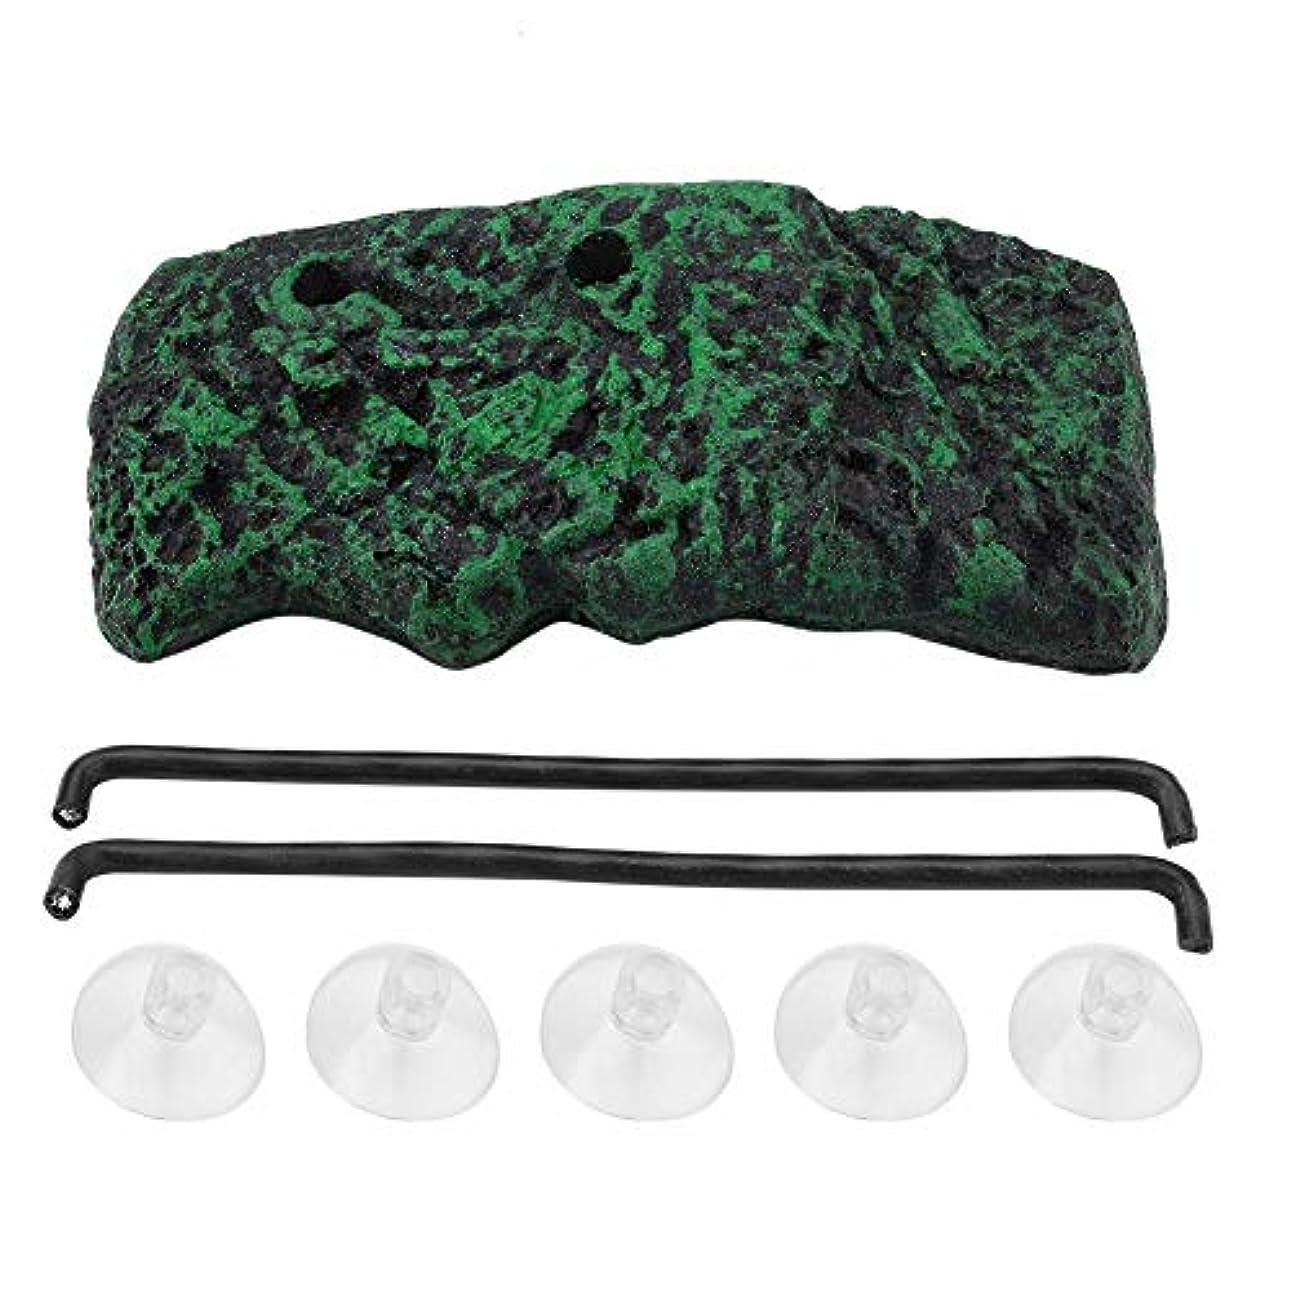 装置版抹消タートルバスキングドック、タートルバスキングドックのための吸引カップ付き自動ウォータータートルバスキングフローティングアイランドタートルバスキングロック(S)